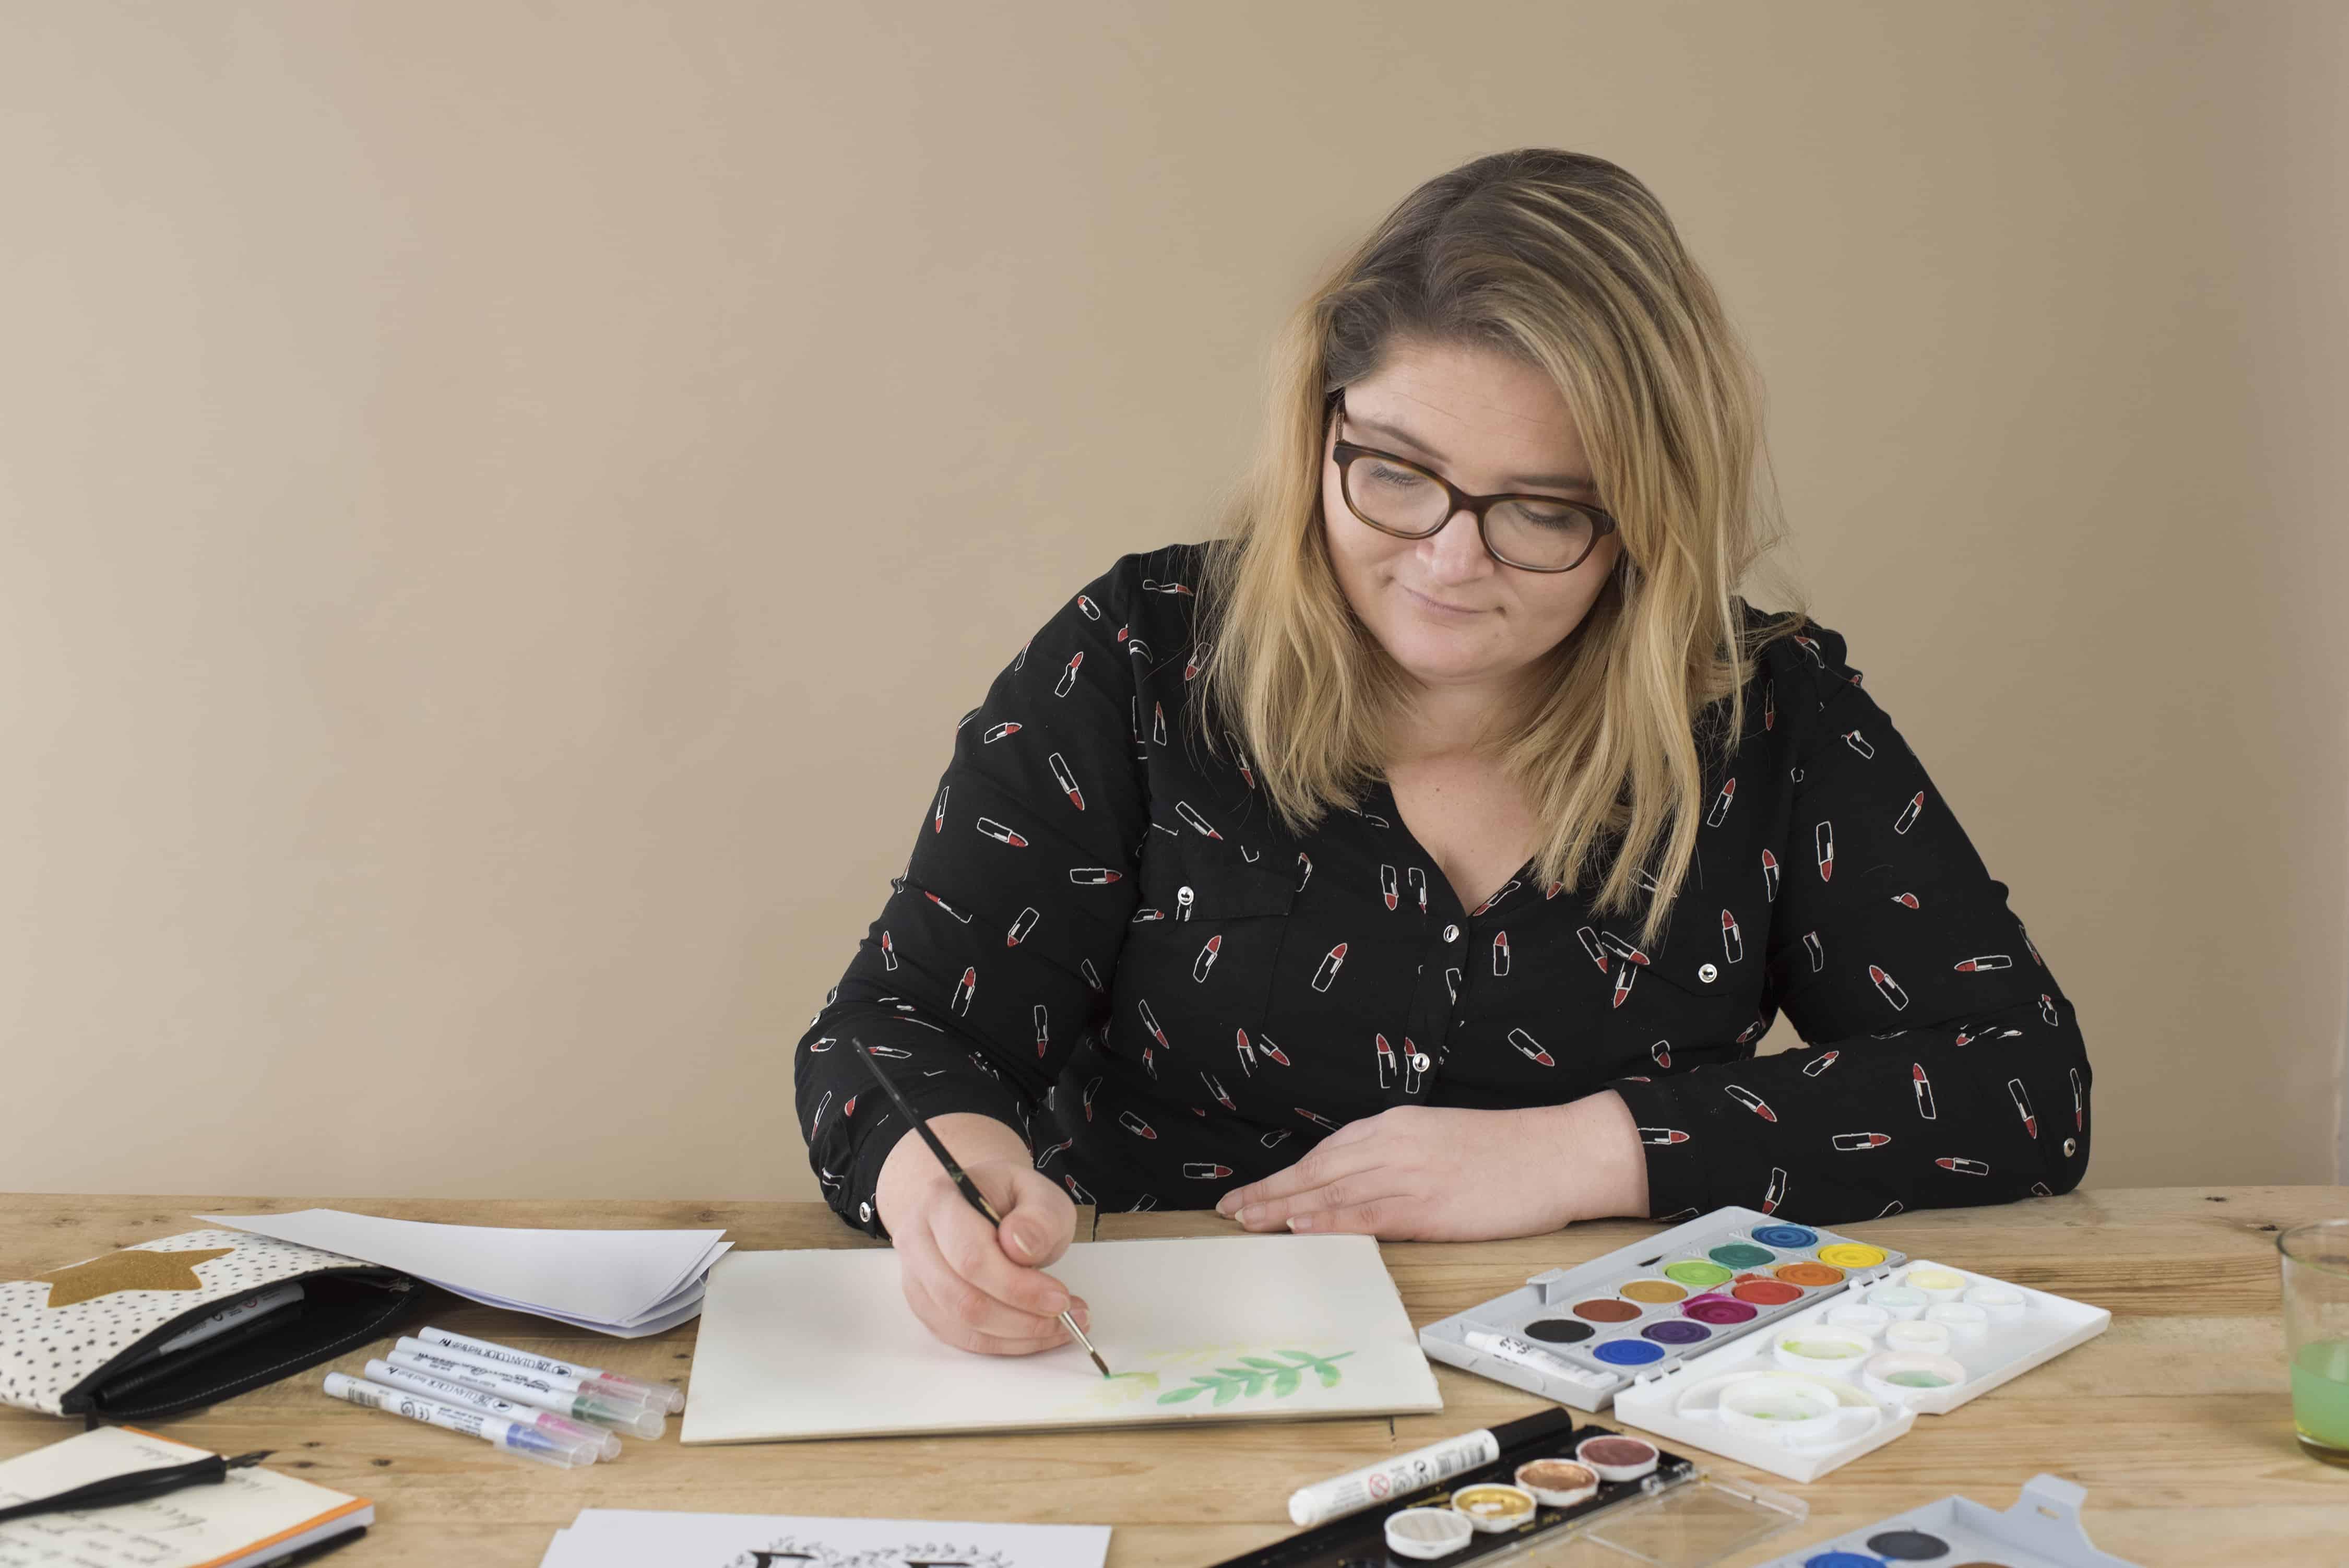 Cursus Handletteren met Kleur